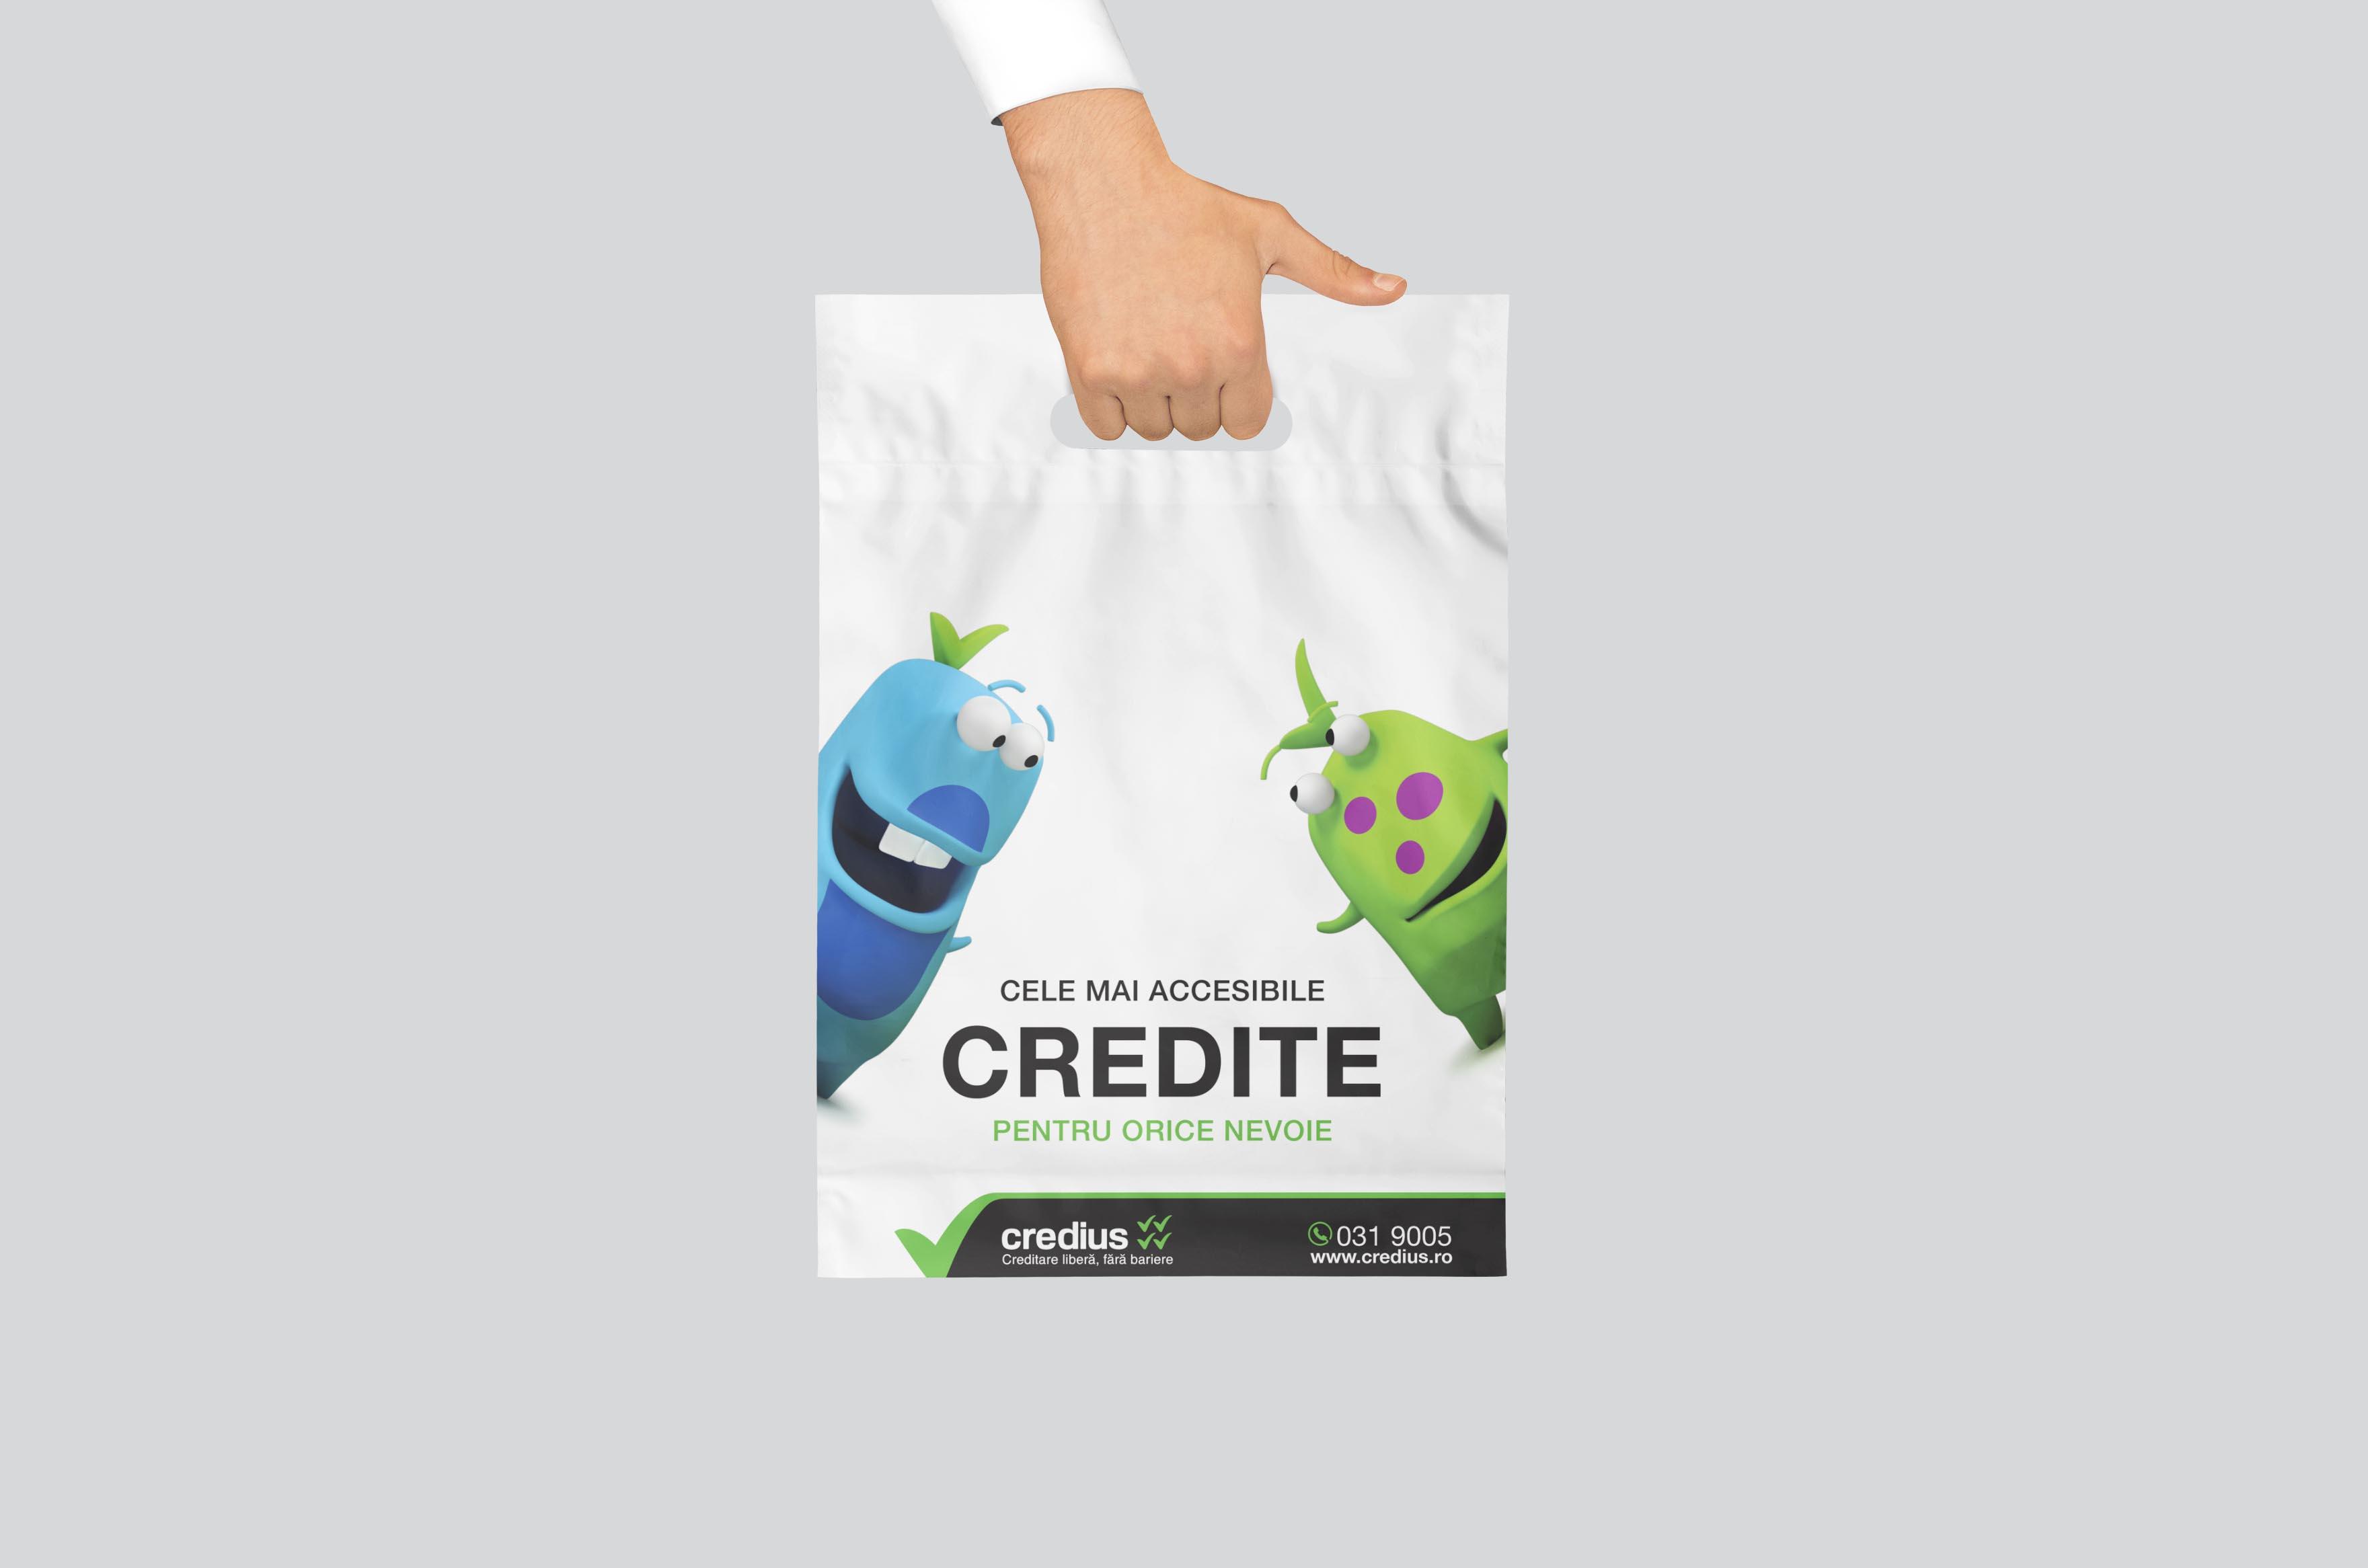 credius branding bag